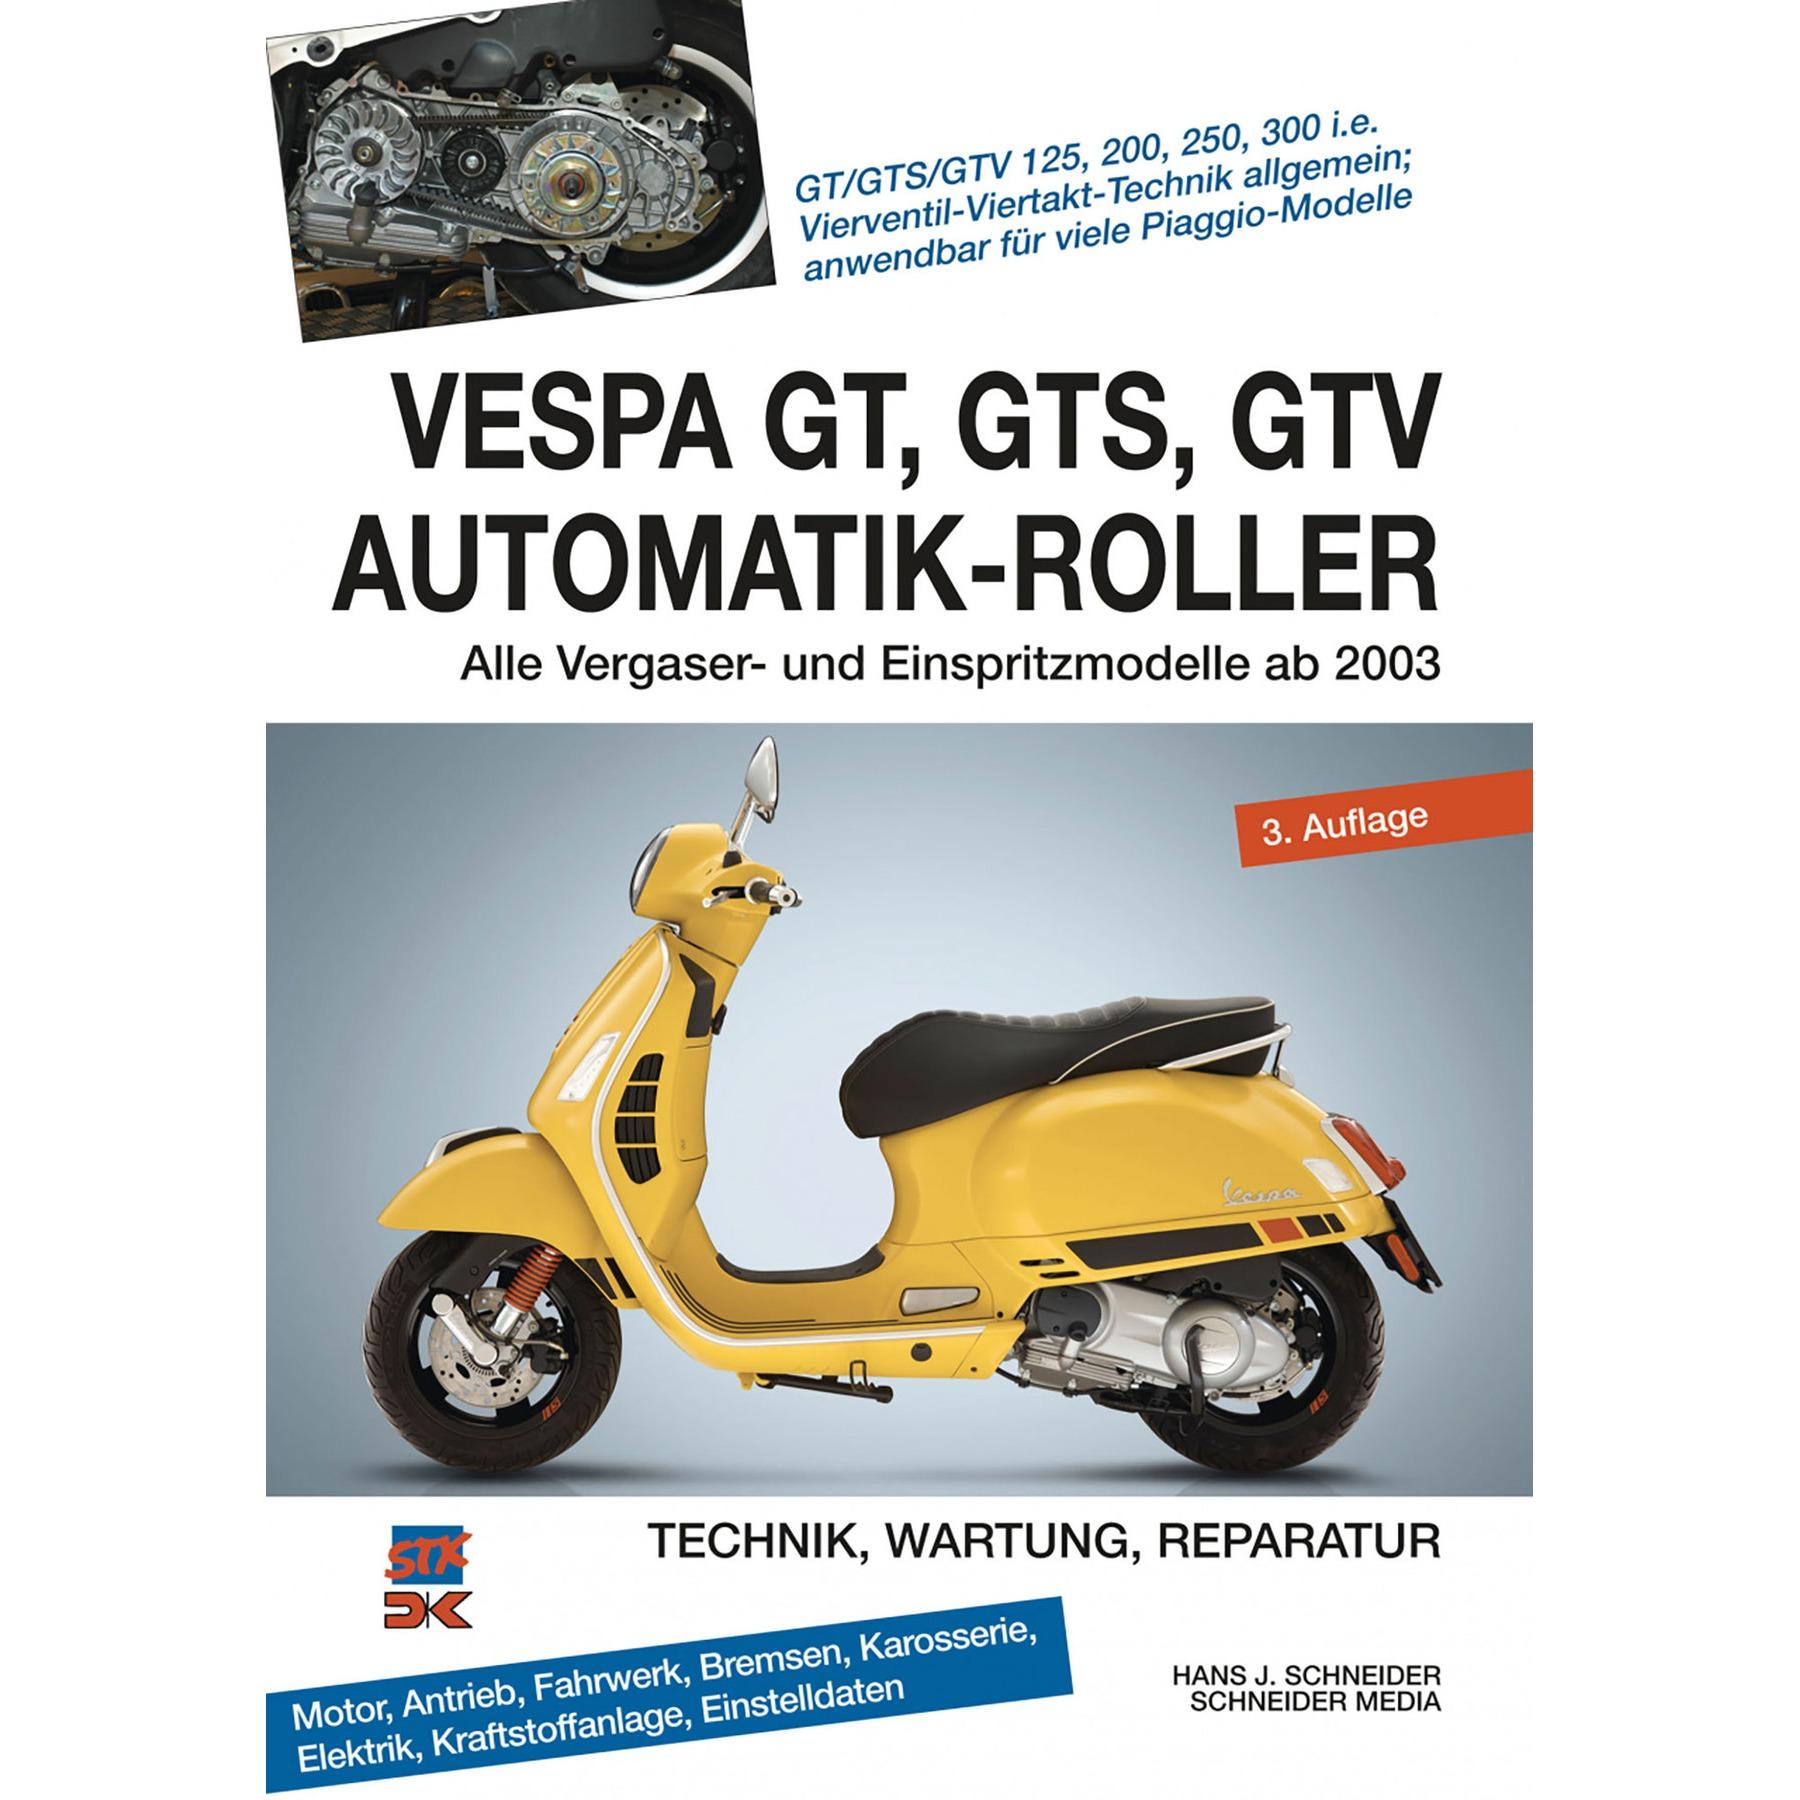 PIAGGIO VESPA GTS IE 125 250 300 SIDE STAND 2